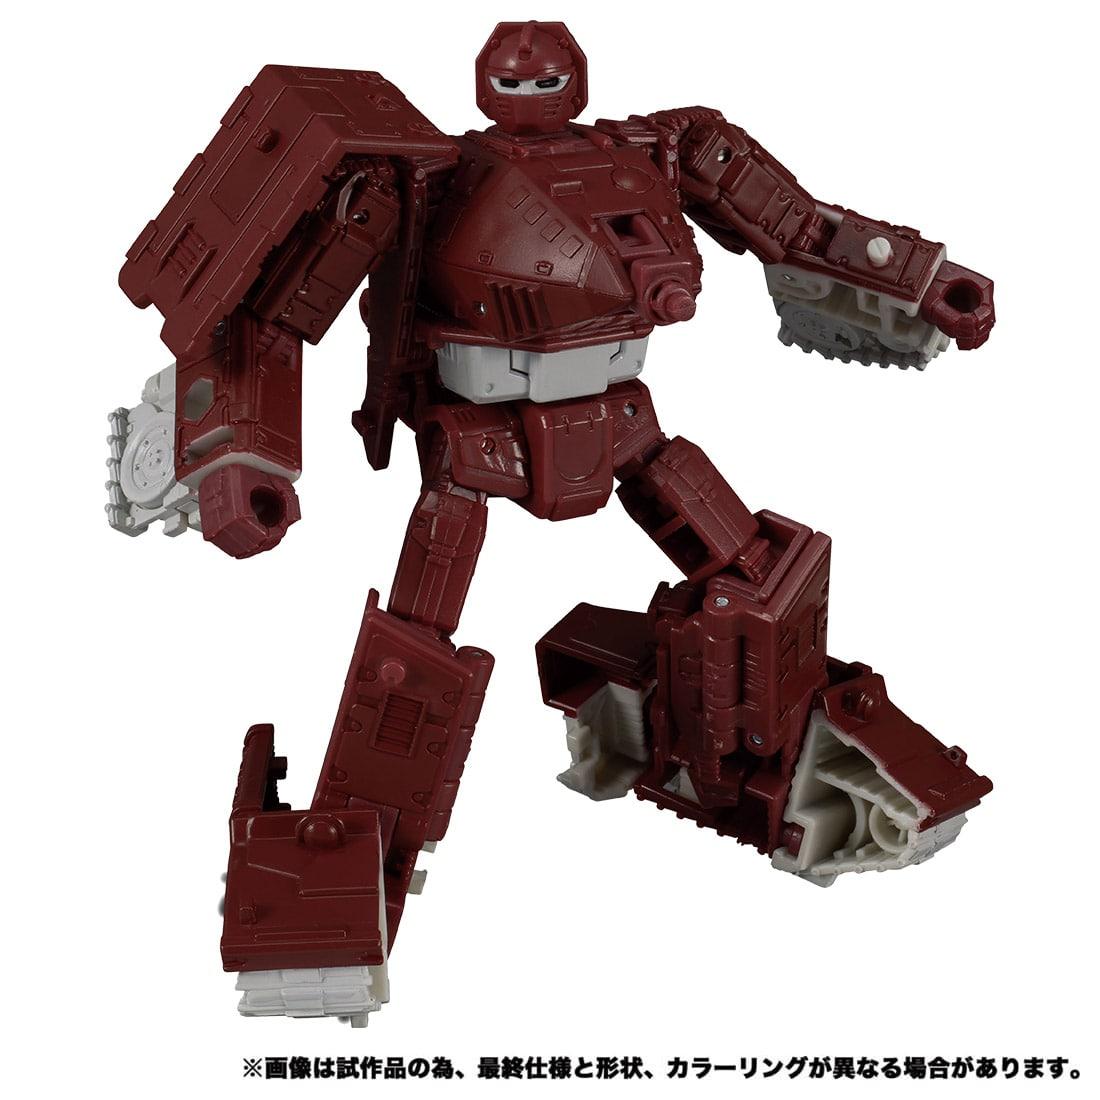 トランスフォーマー キングダム『KD-06 オートボットワーパス』可変可動フィギュア-001